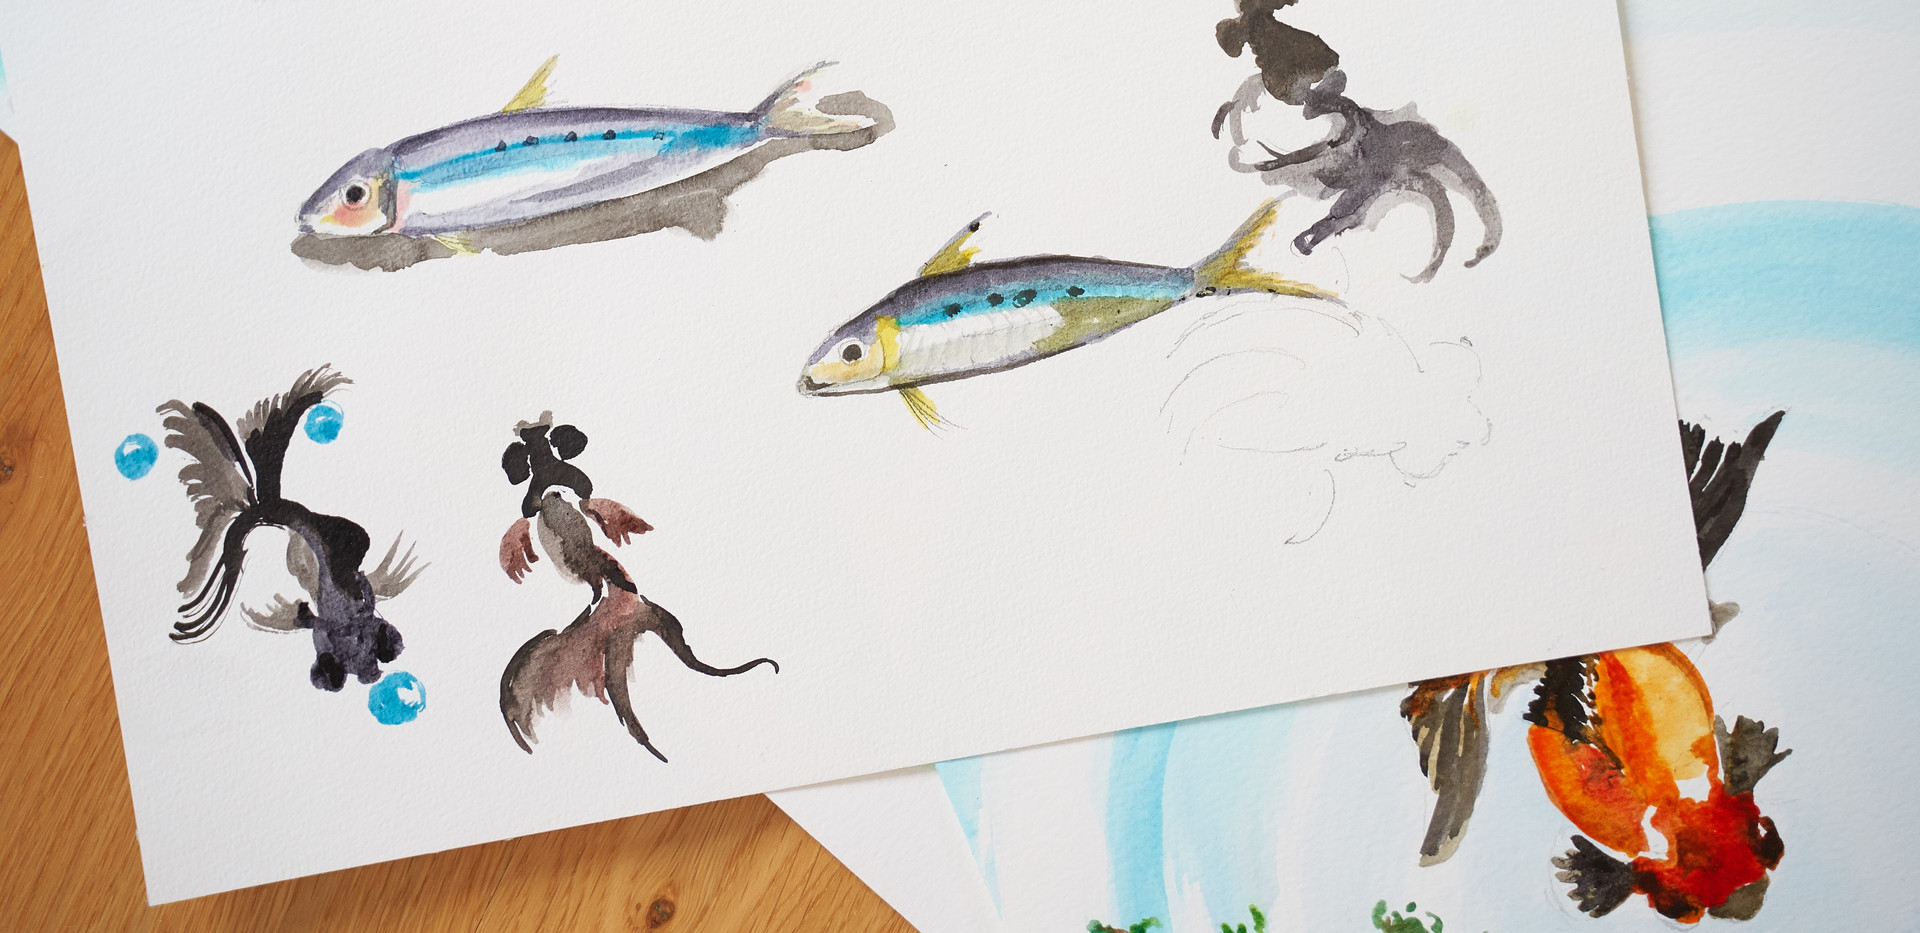 Etude sur les poissons